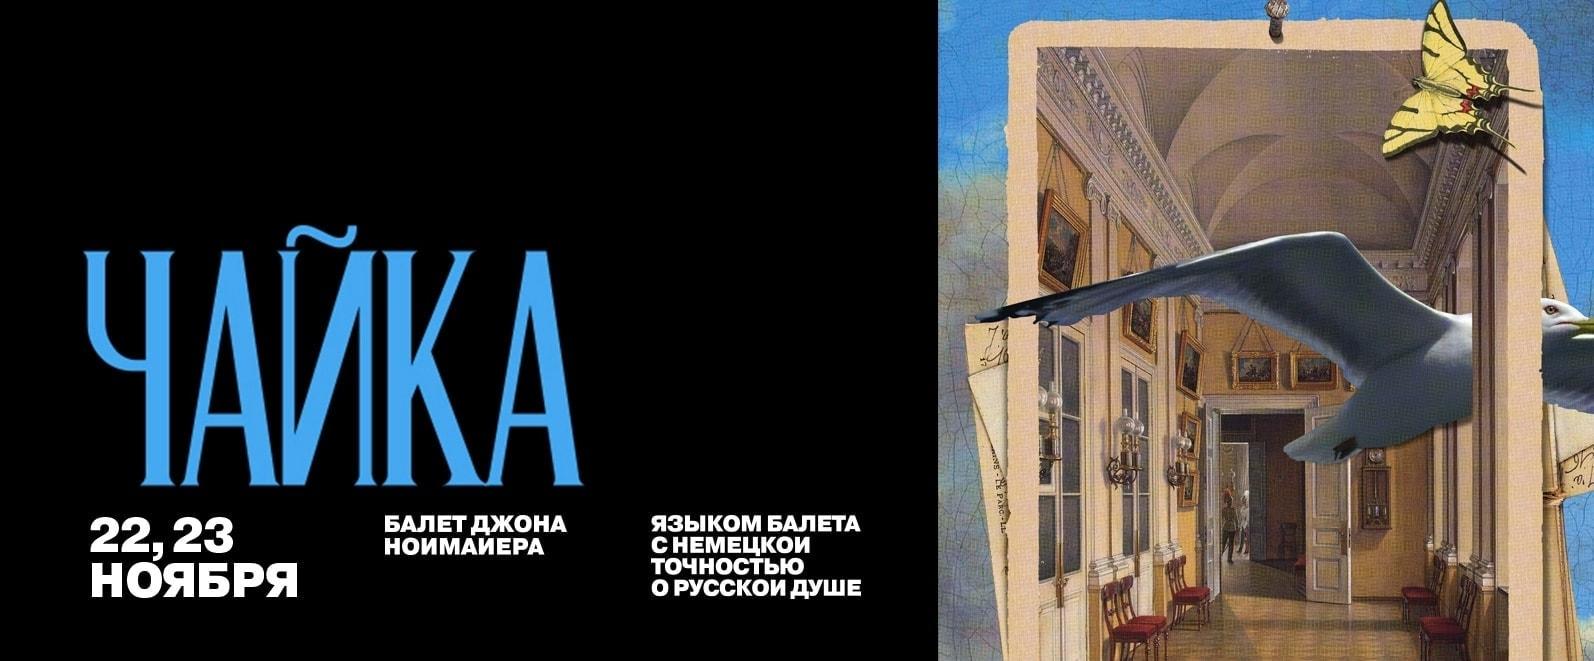 """Джон Ноймайер возвратил свой балет """"Чайка"""" на московскую сцену"""